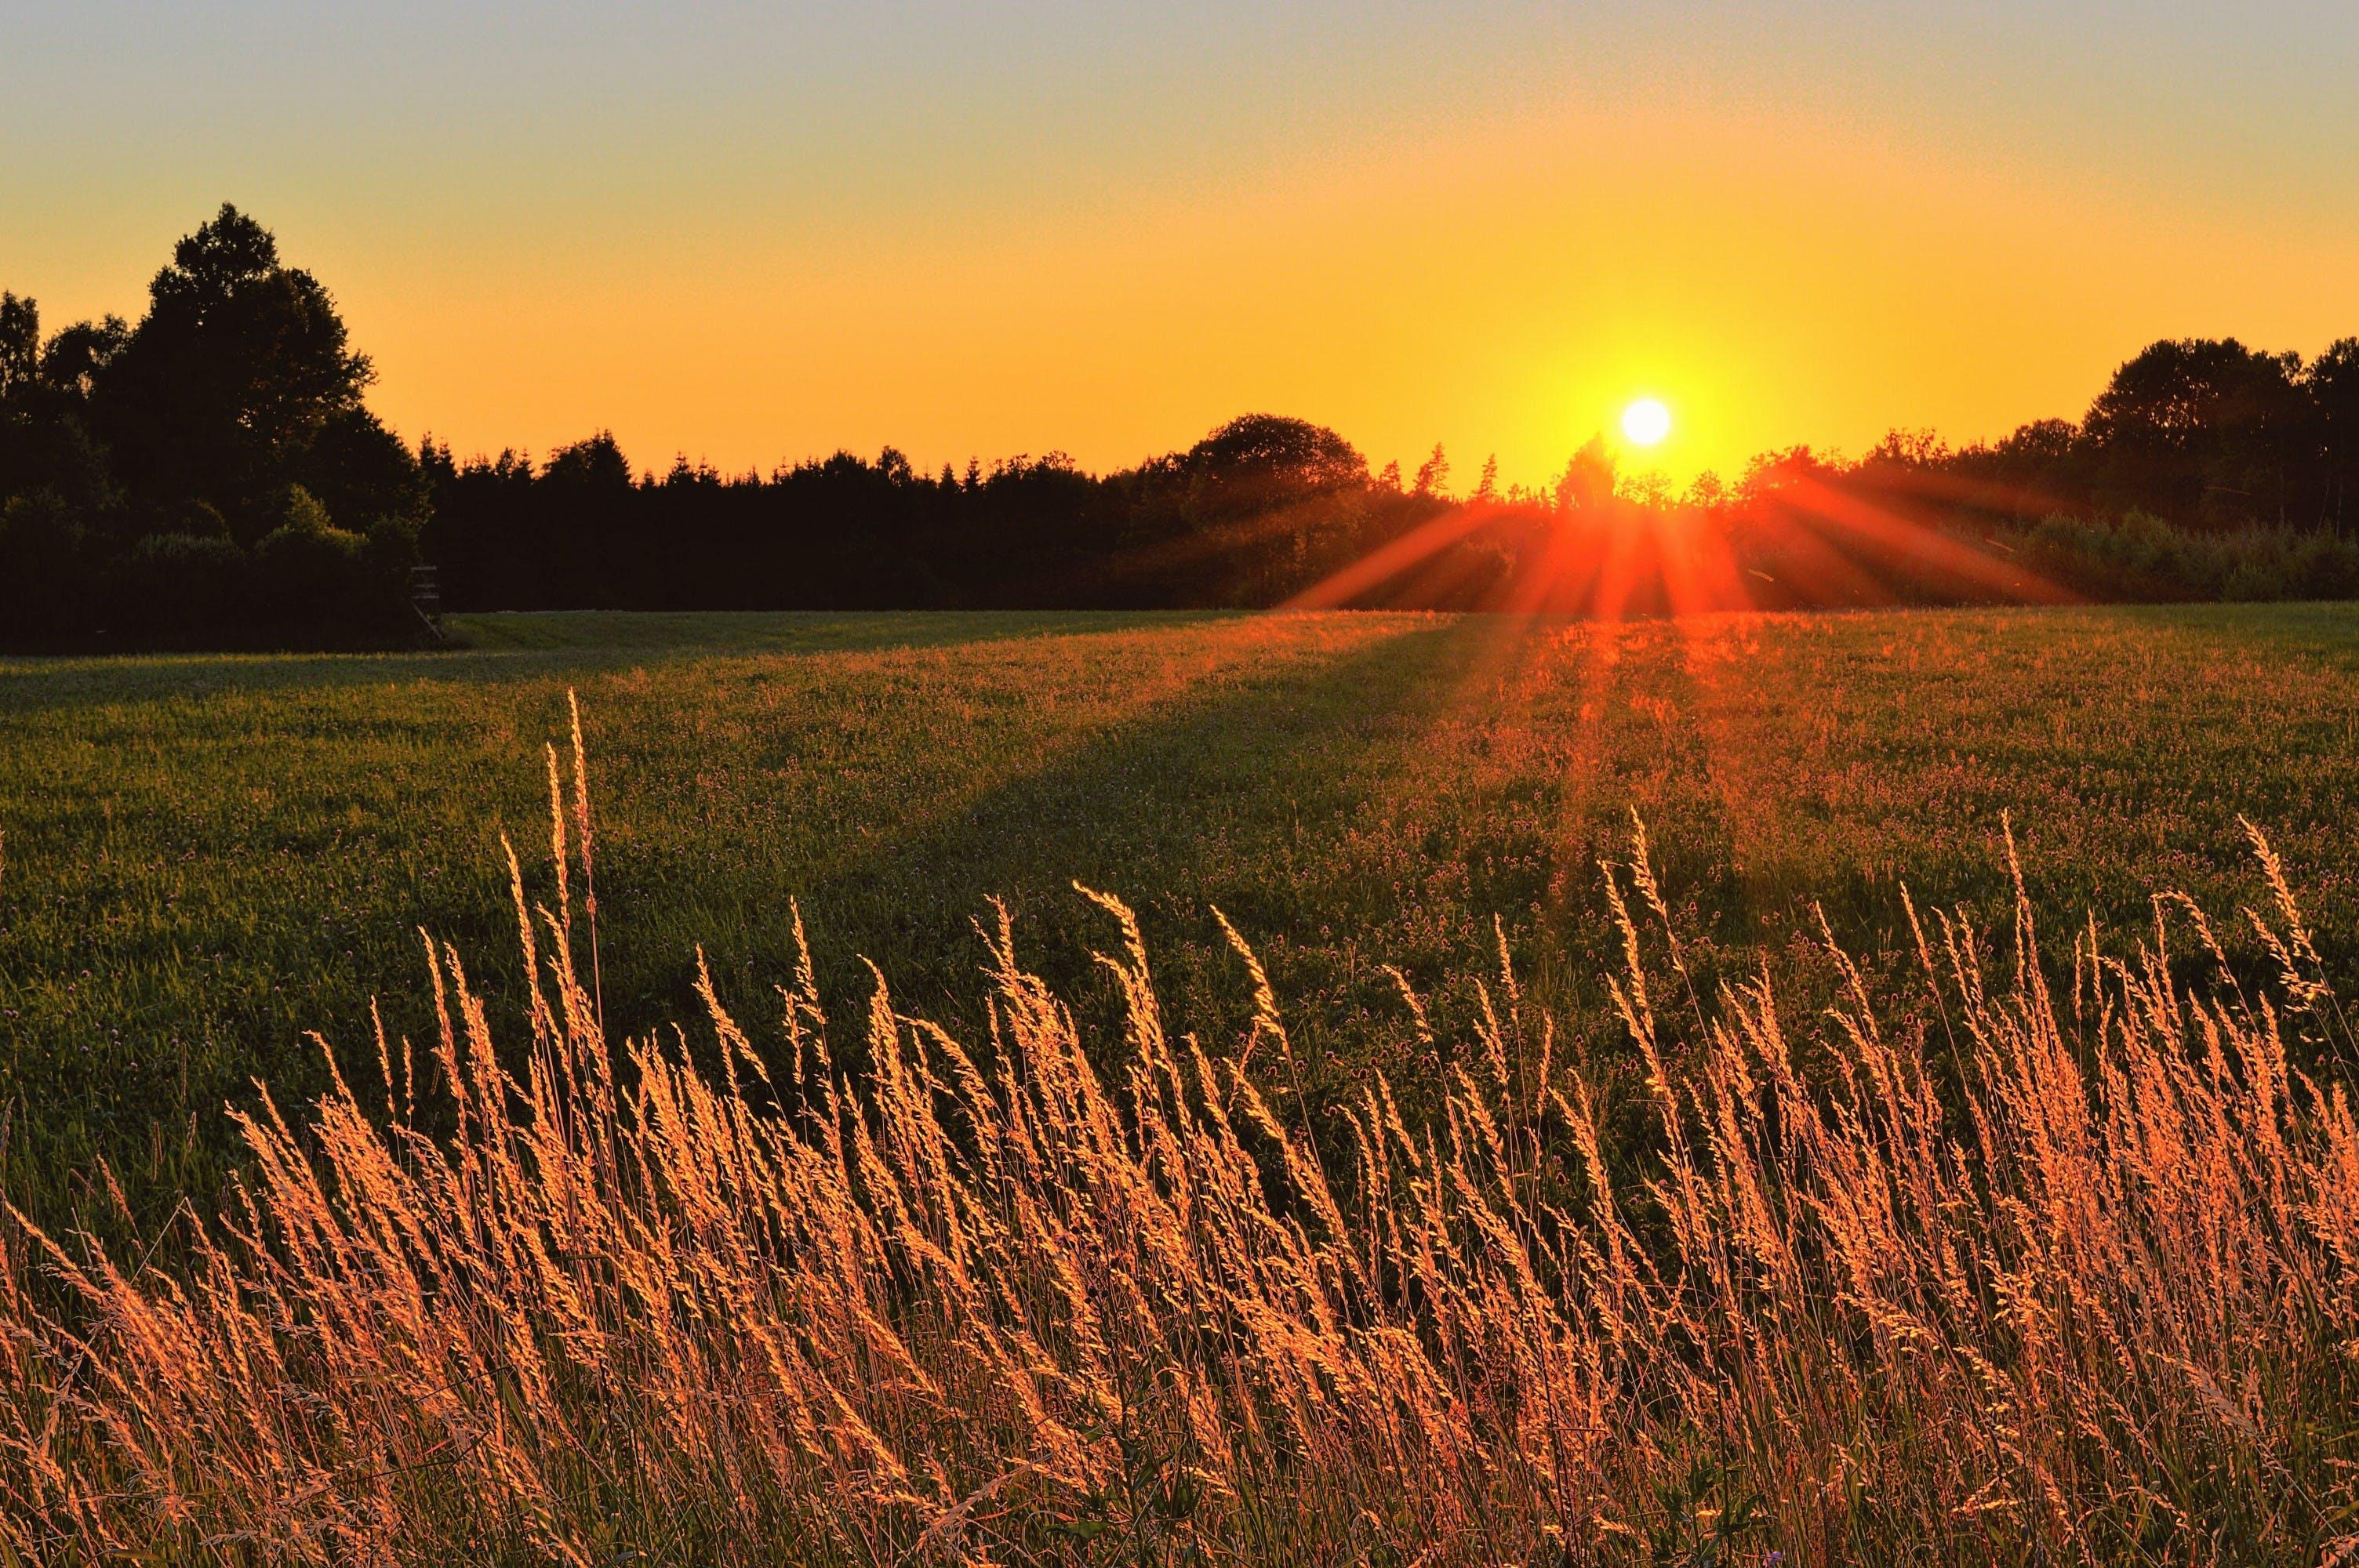 Sunray Across Green Grass Field